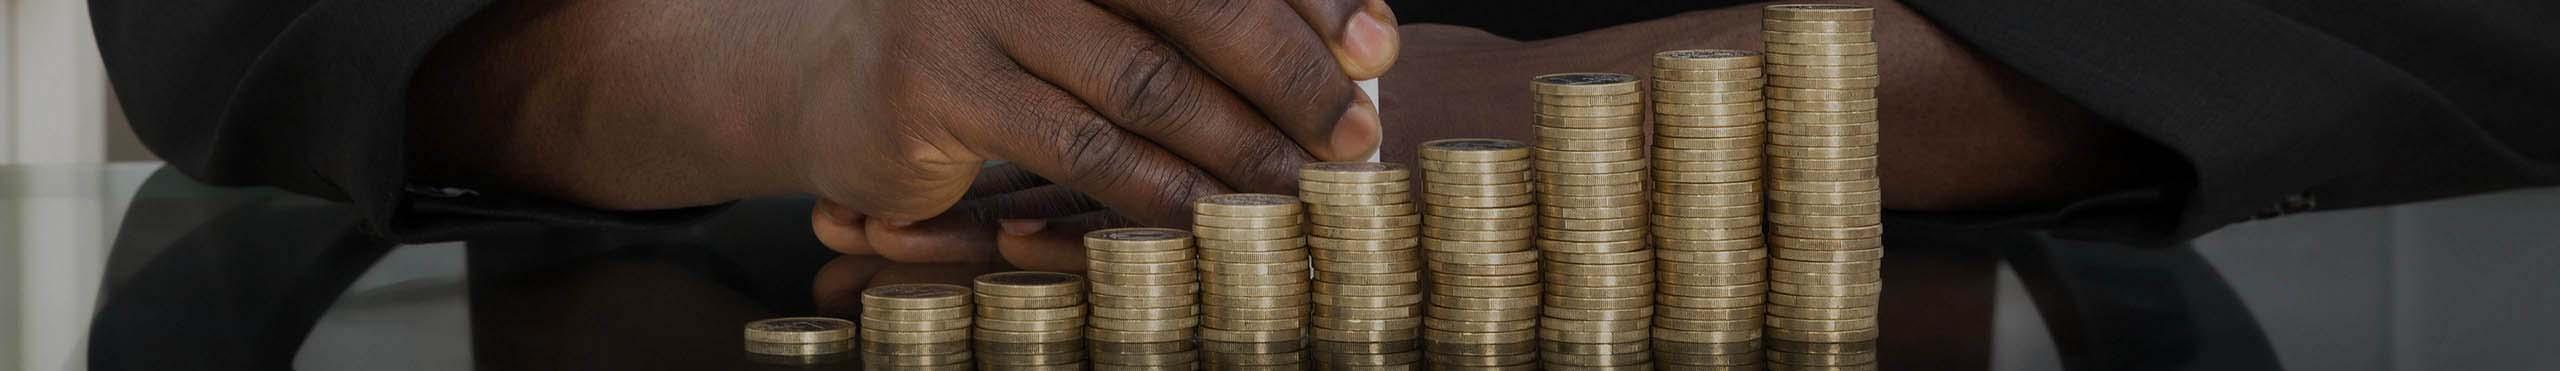 Où placer une somme d'argent, sans risque, pour quelques mois ?